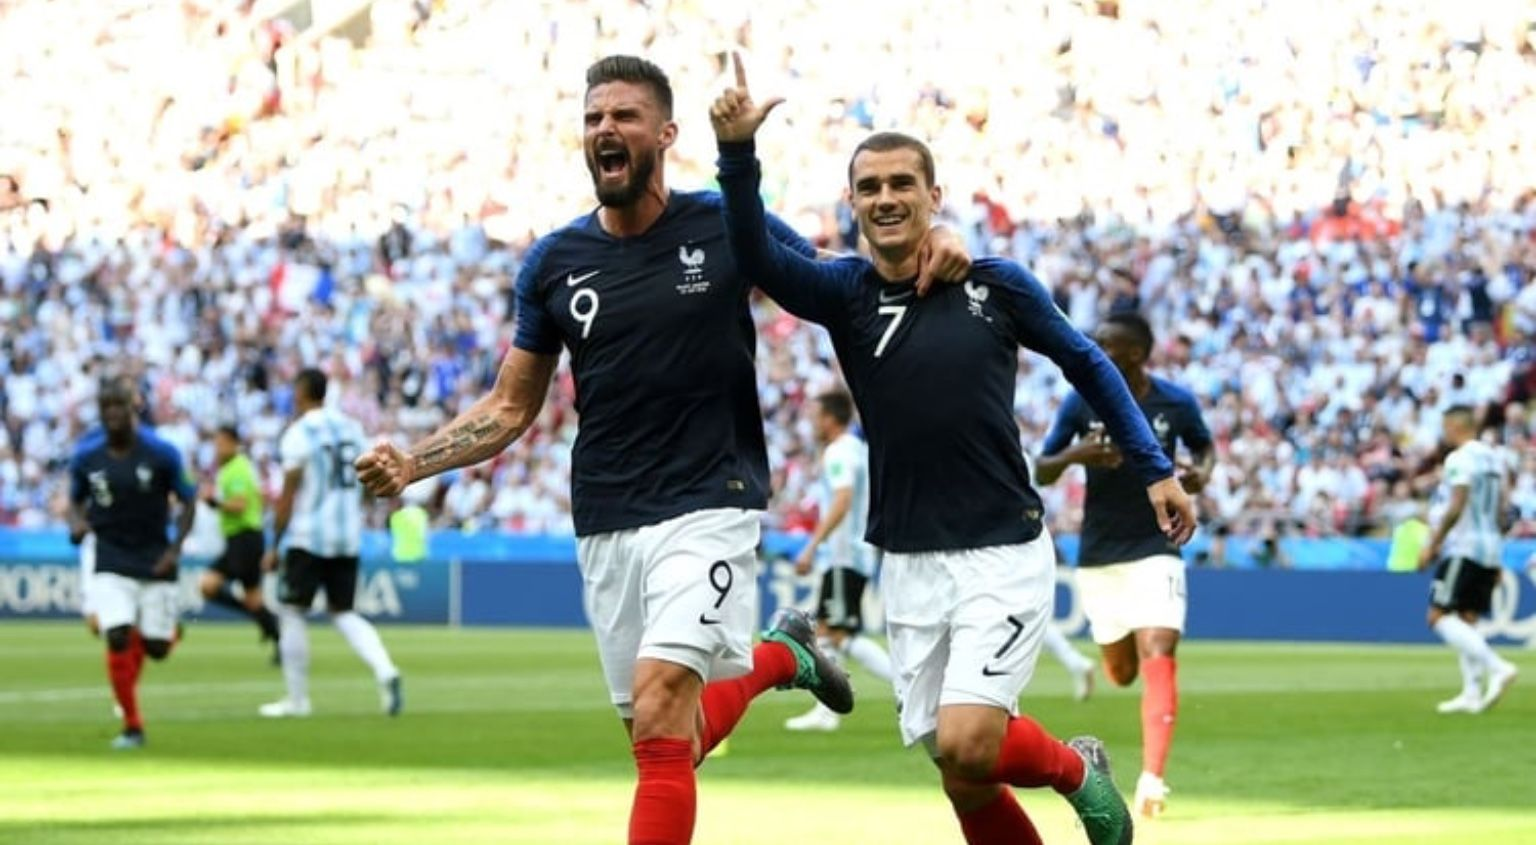 Épinglé par World🖤 sur France Football Coupe du monde